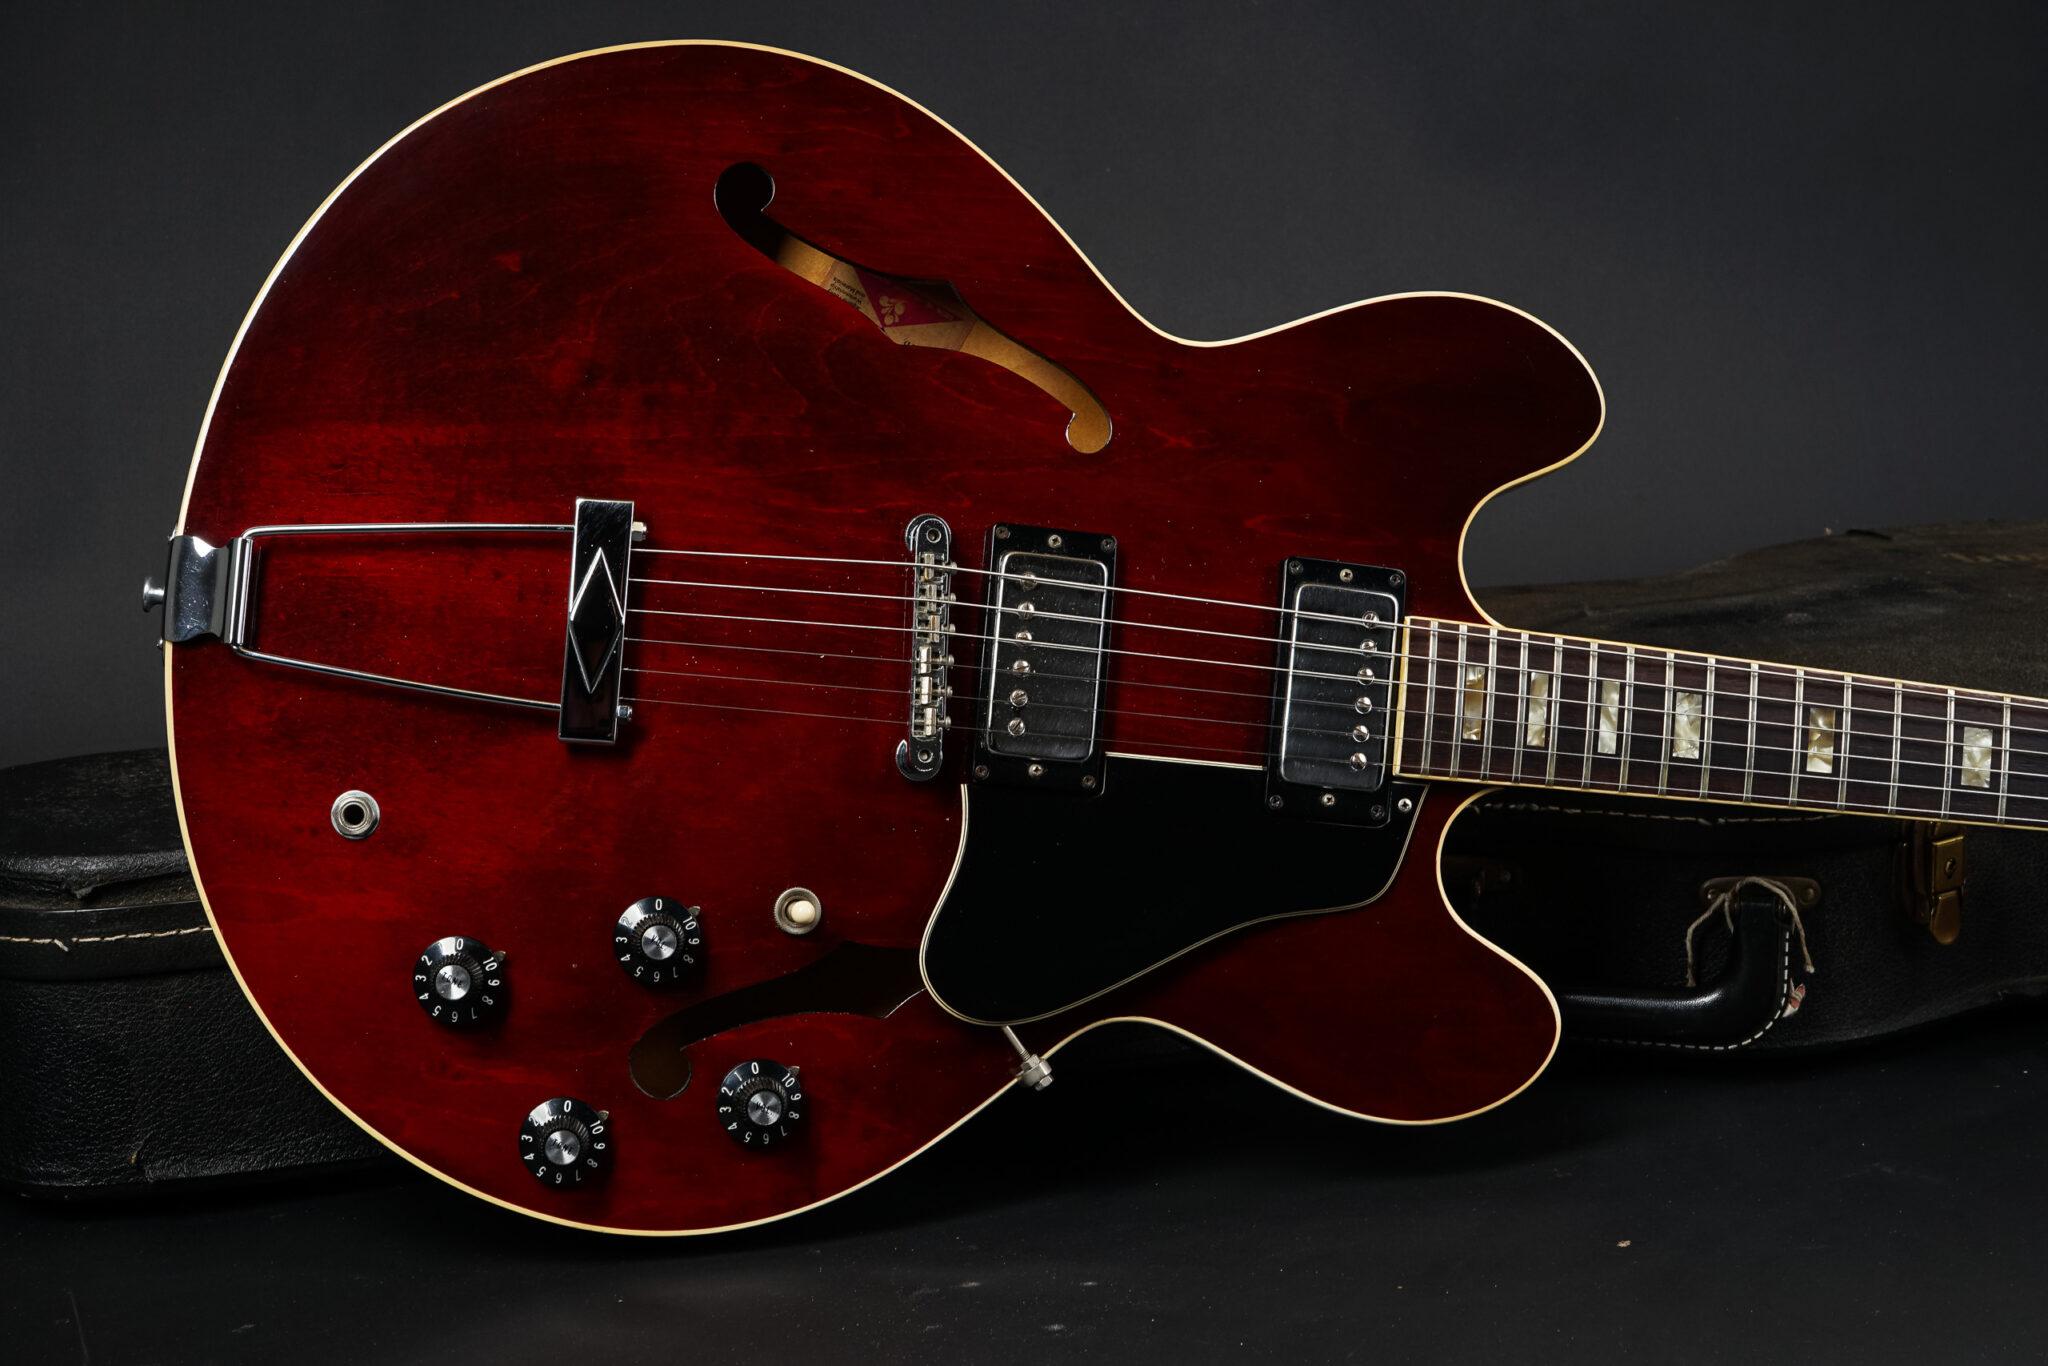 https://guitarpoint.de/app/uploads/products/1974-gibson-es-335-td-winered/1975-Gibson-ES-335TD-Winered-657197-9-2048x1366.jpg